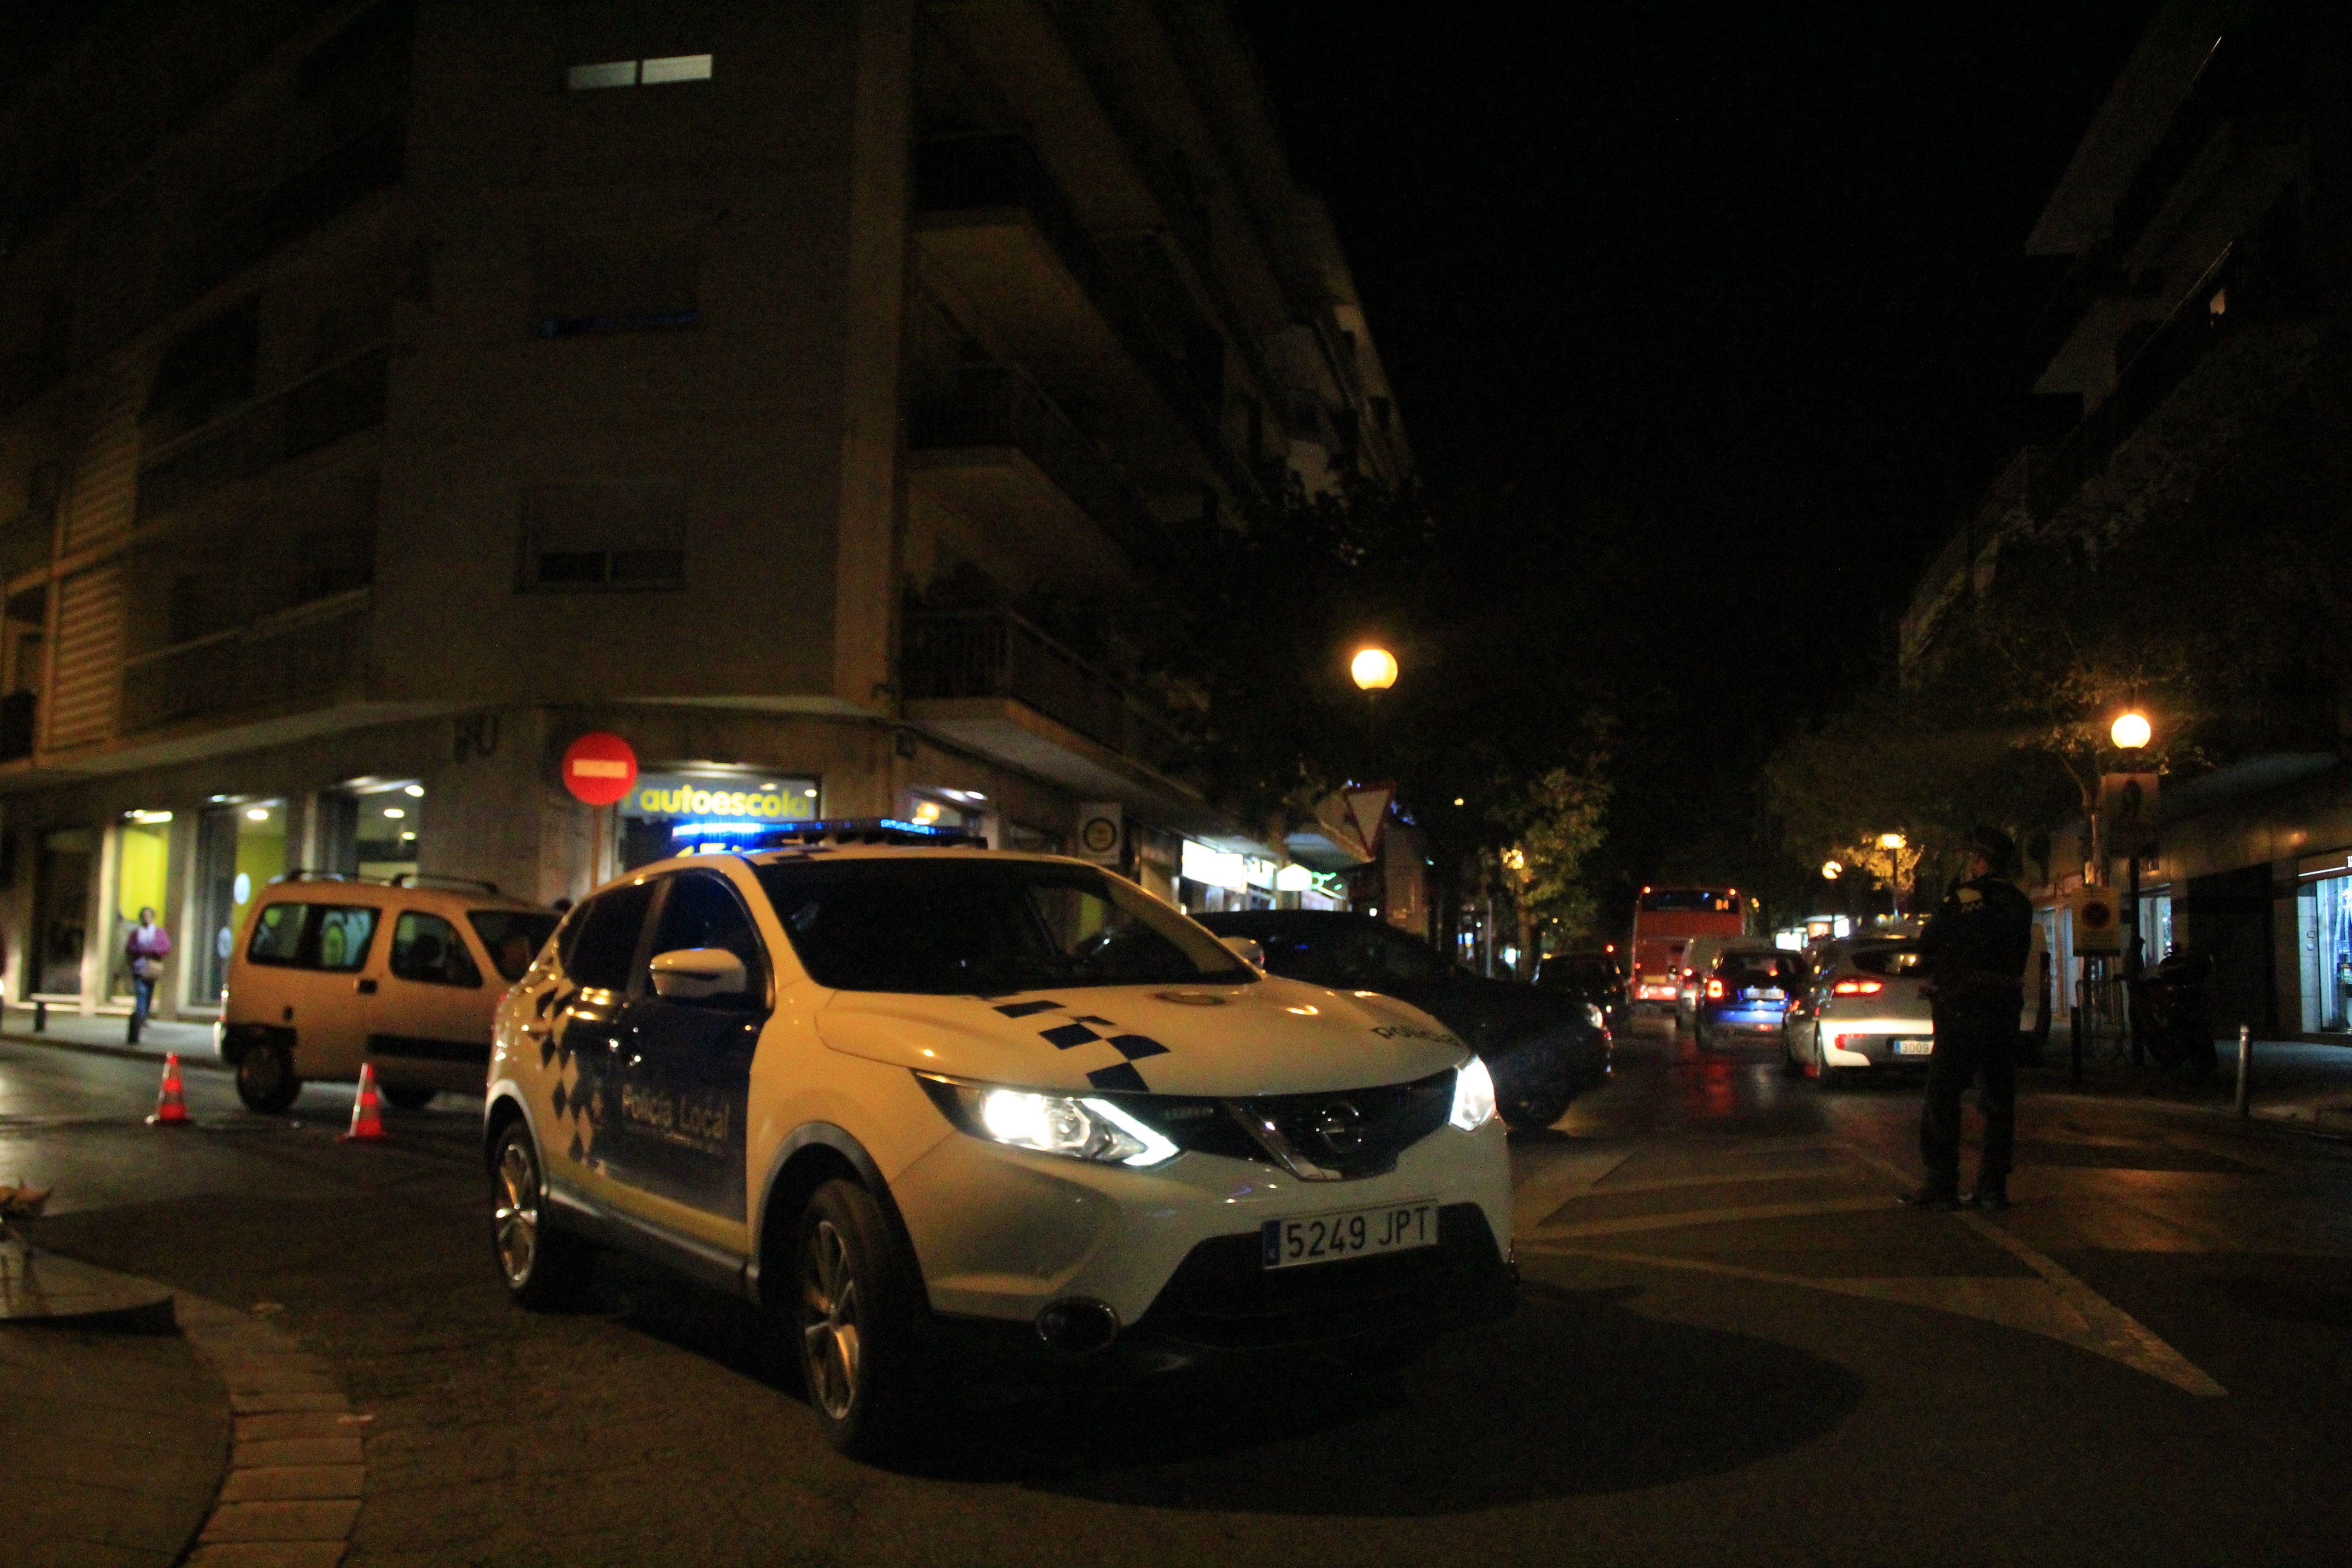 La Policia Local va haver de desviar el tràfic a causa dels talls en alguns carrers del centre de Cerdanyola el 6 de novembre de 2019